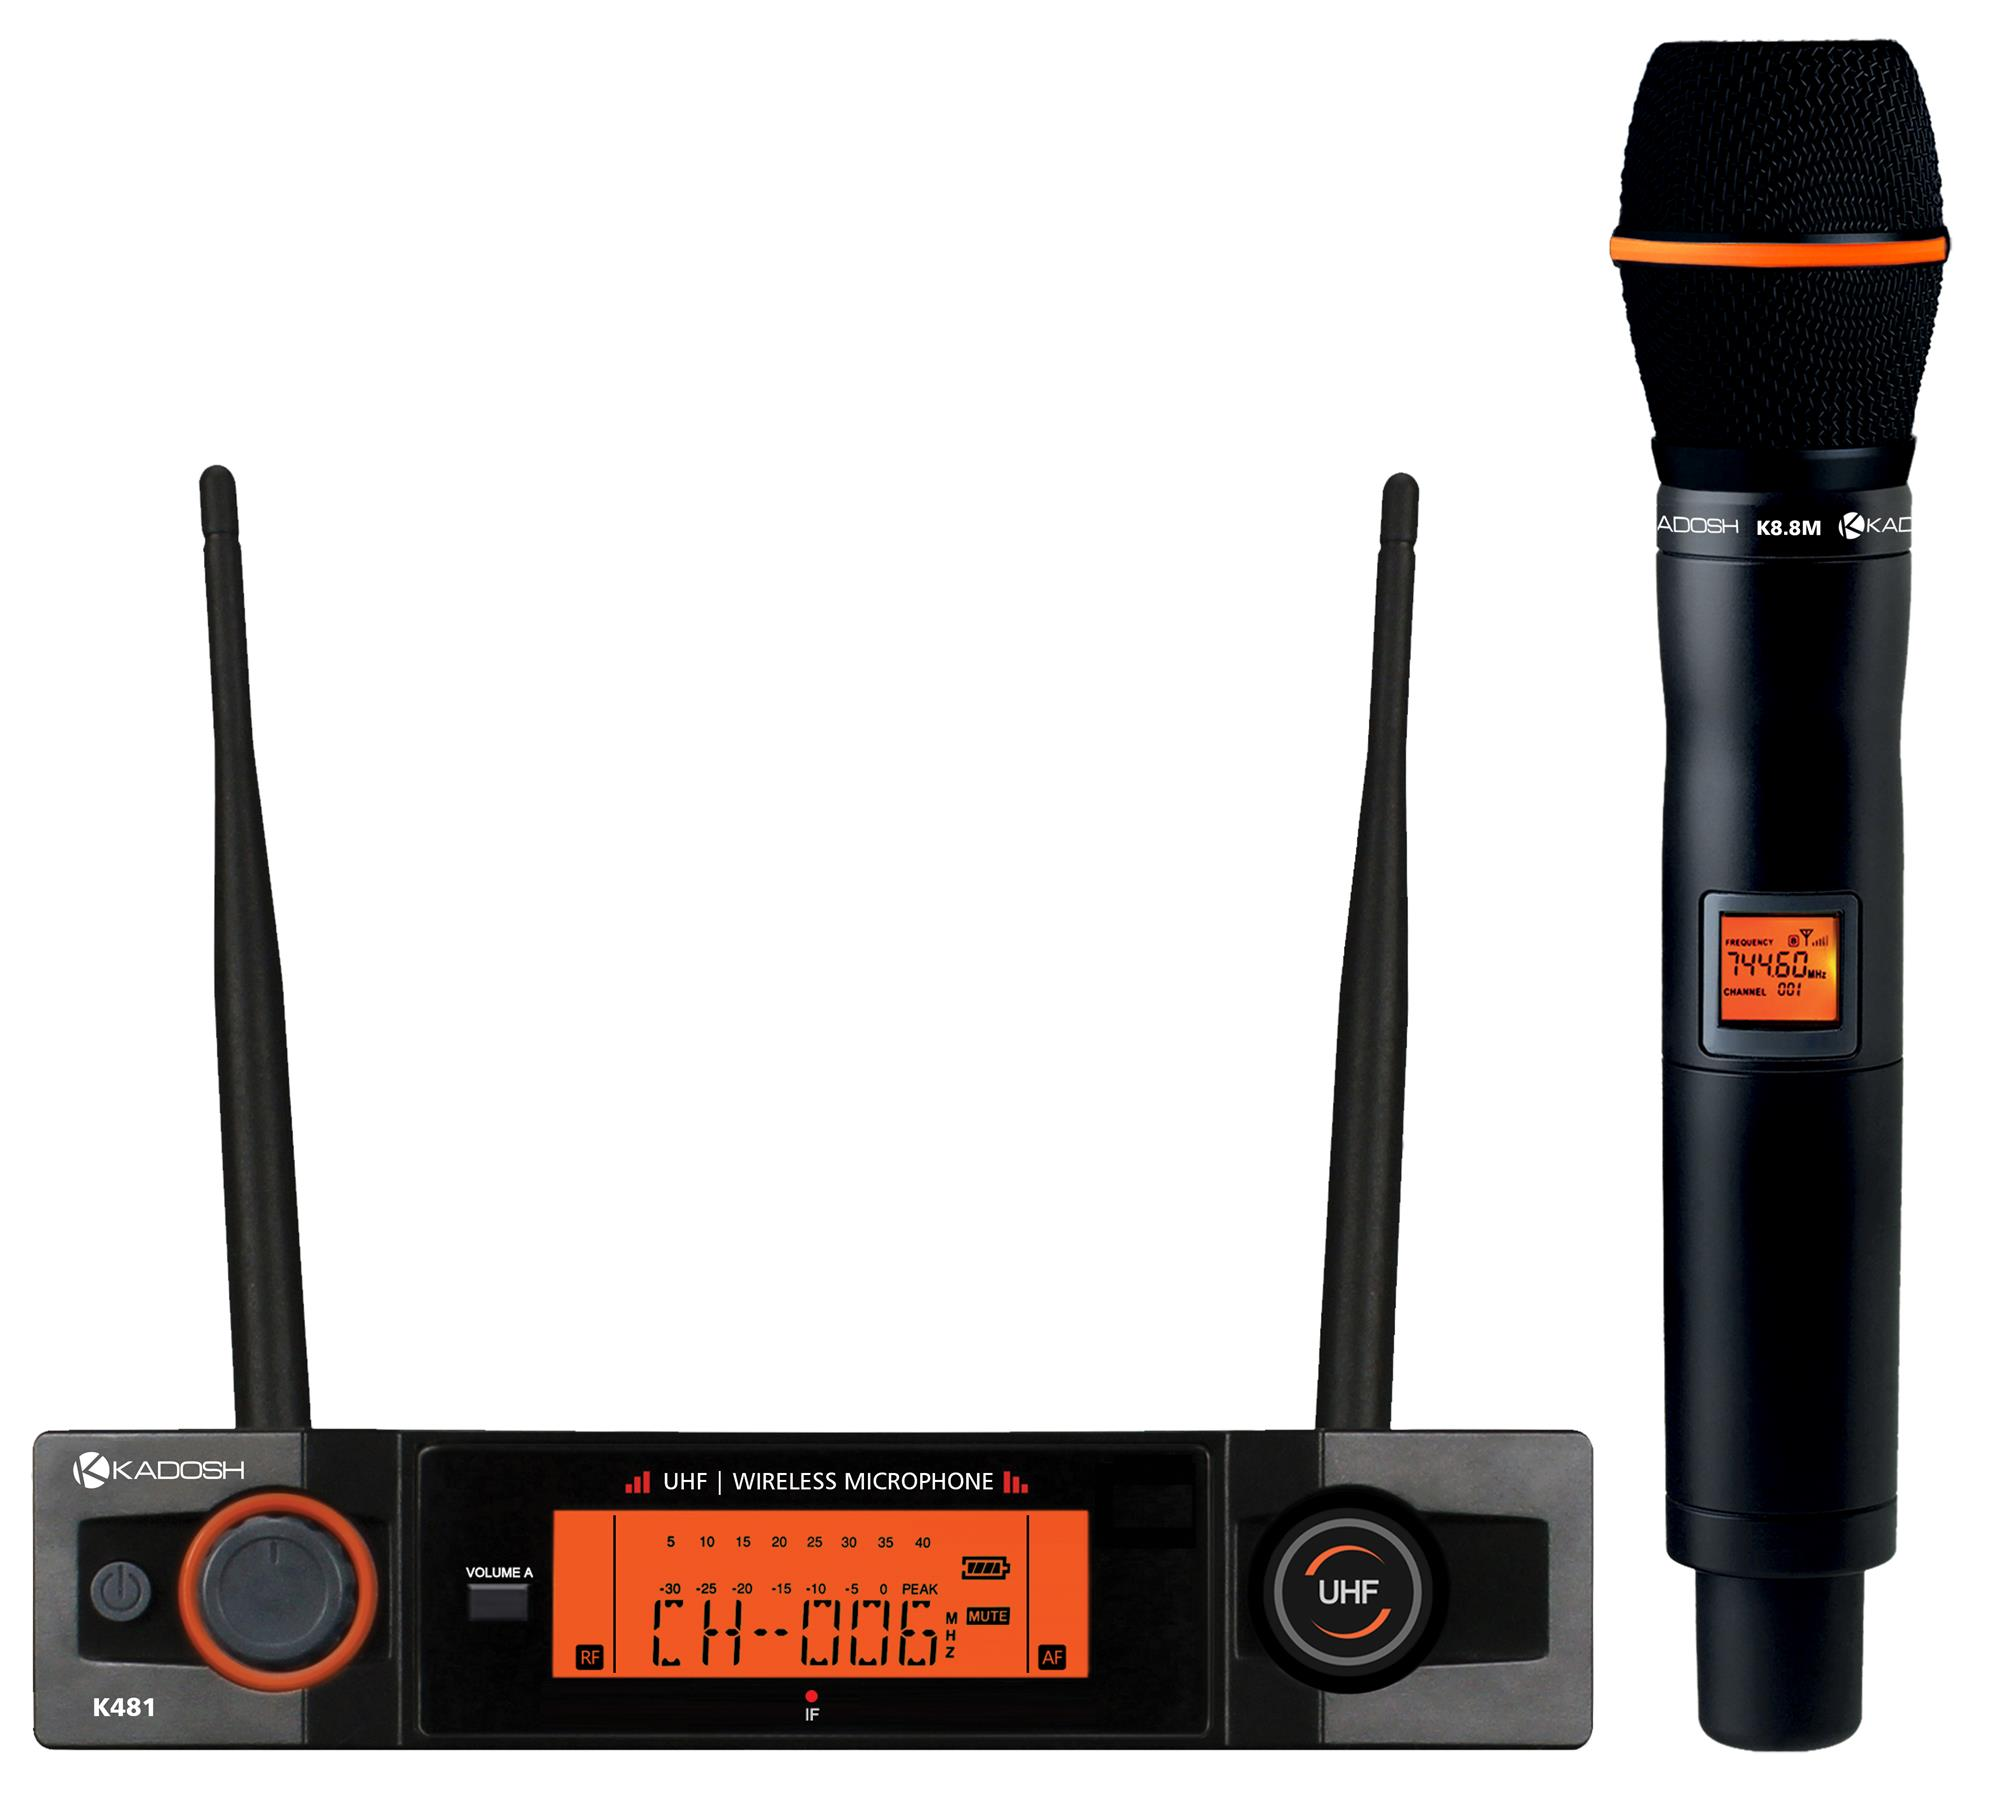 Kadosh Microfone Sem Fio K-481M (UHF/Display Digital com 50 Canais)